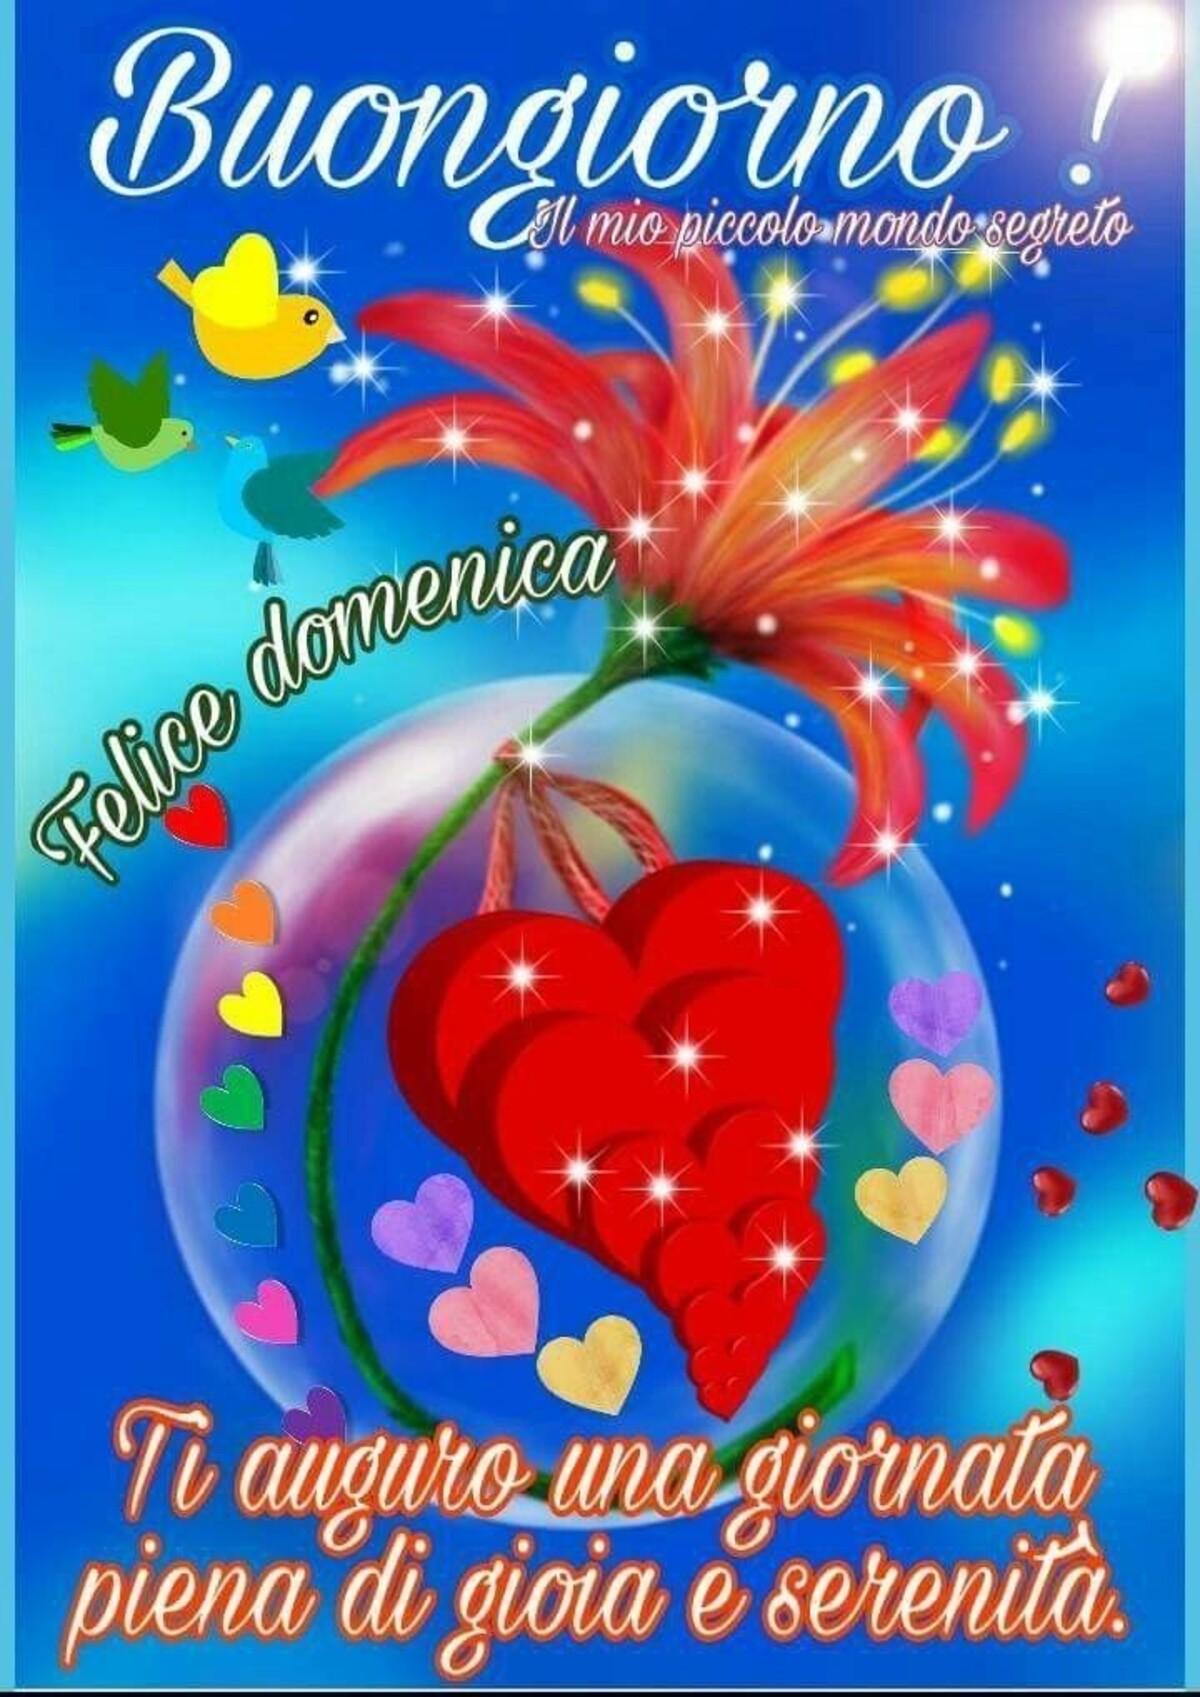 Buongiorno! Felice domenica! Ti auguro una giornata piena di gioia e serenità